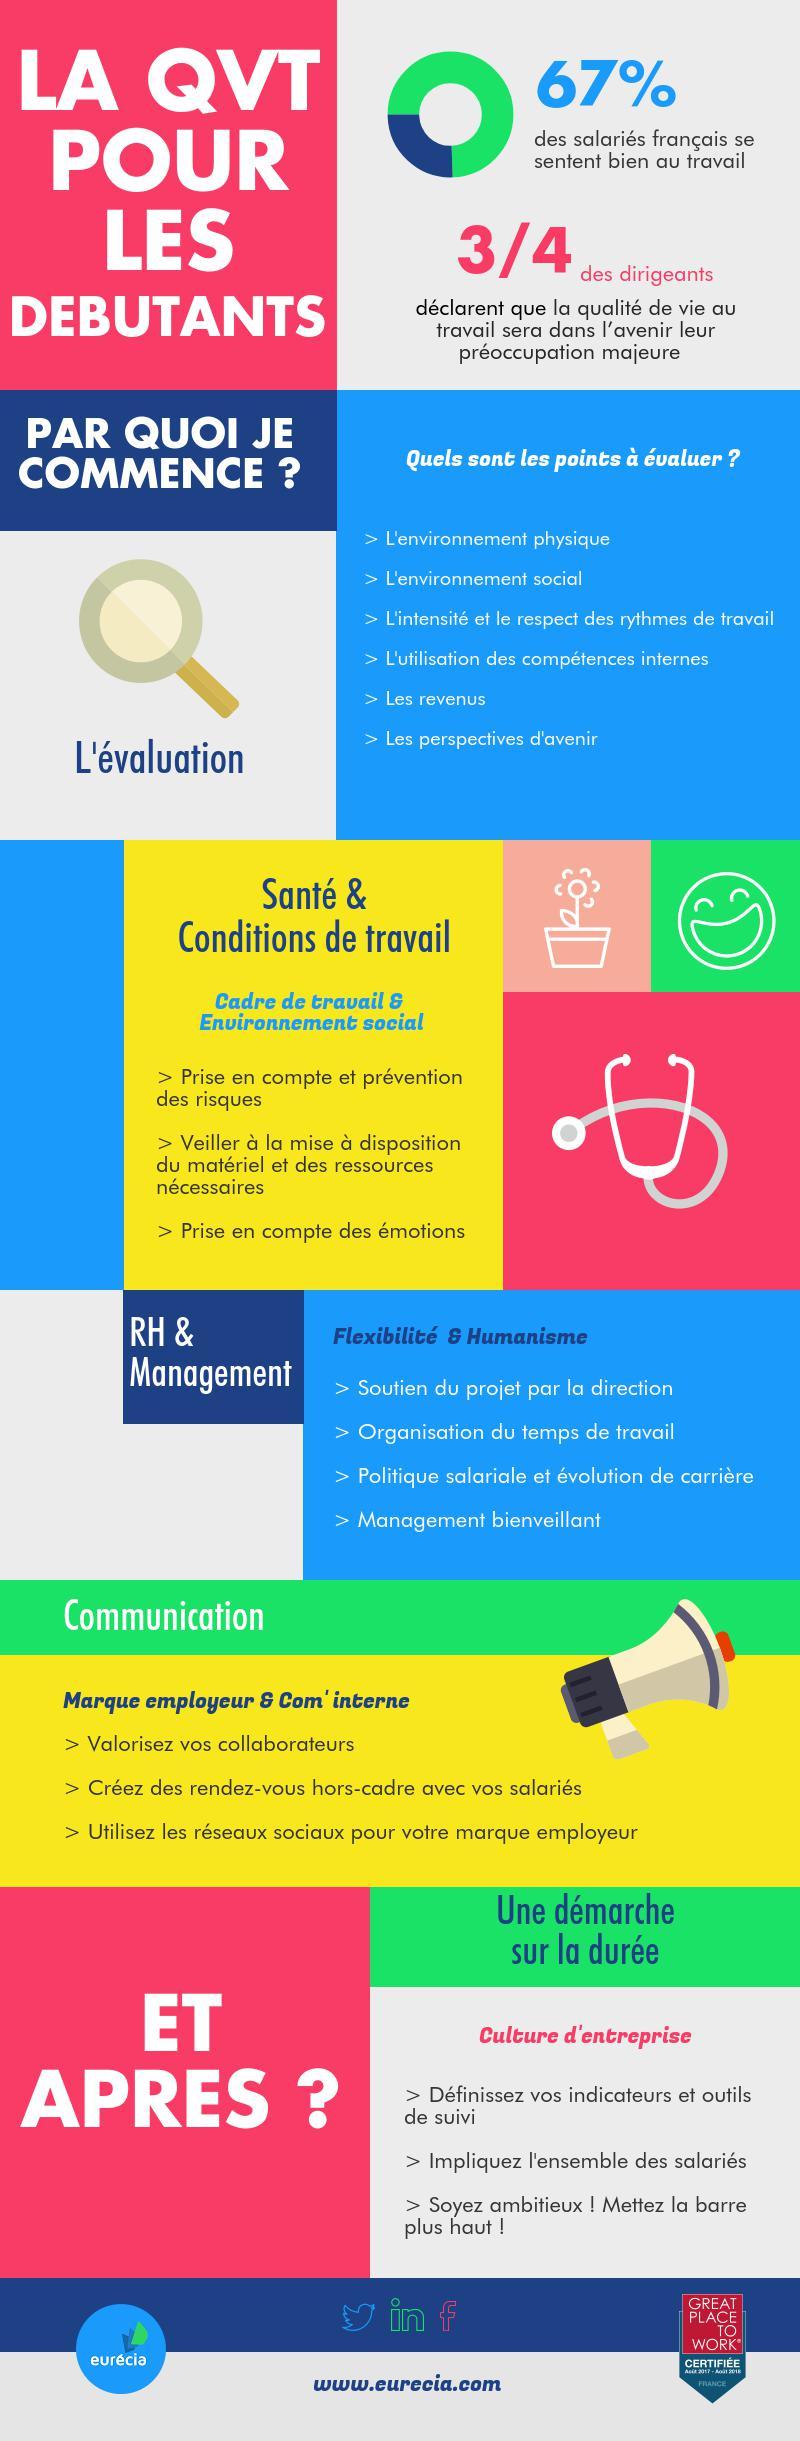 Infographie La QVT pour les débutants